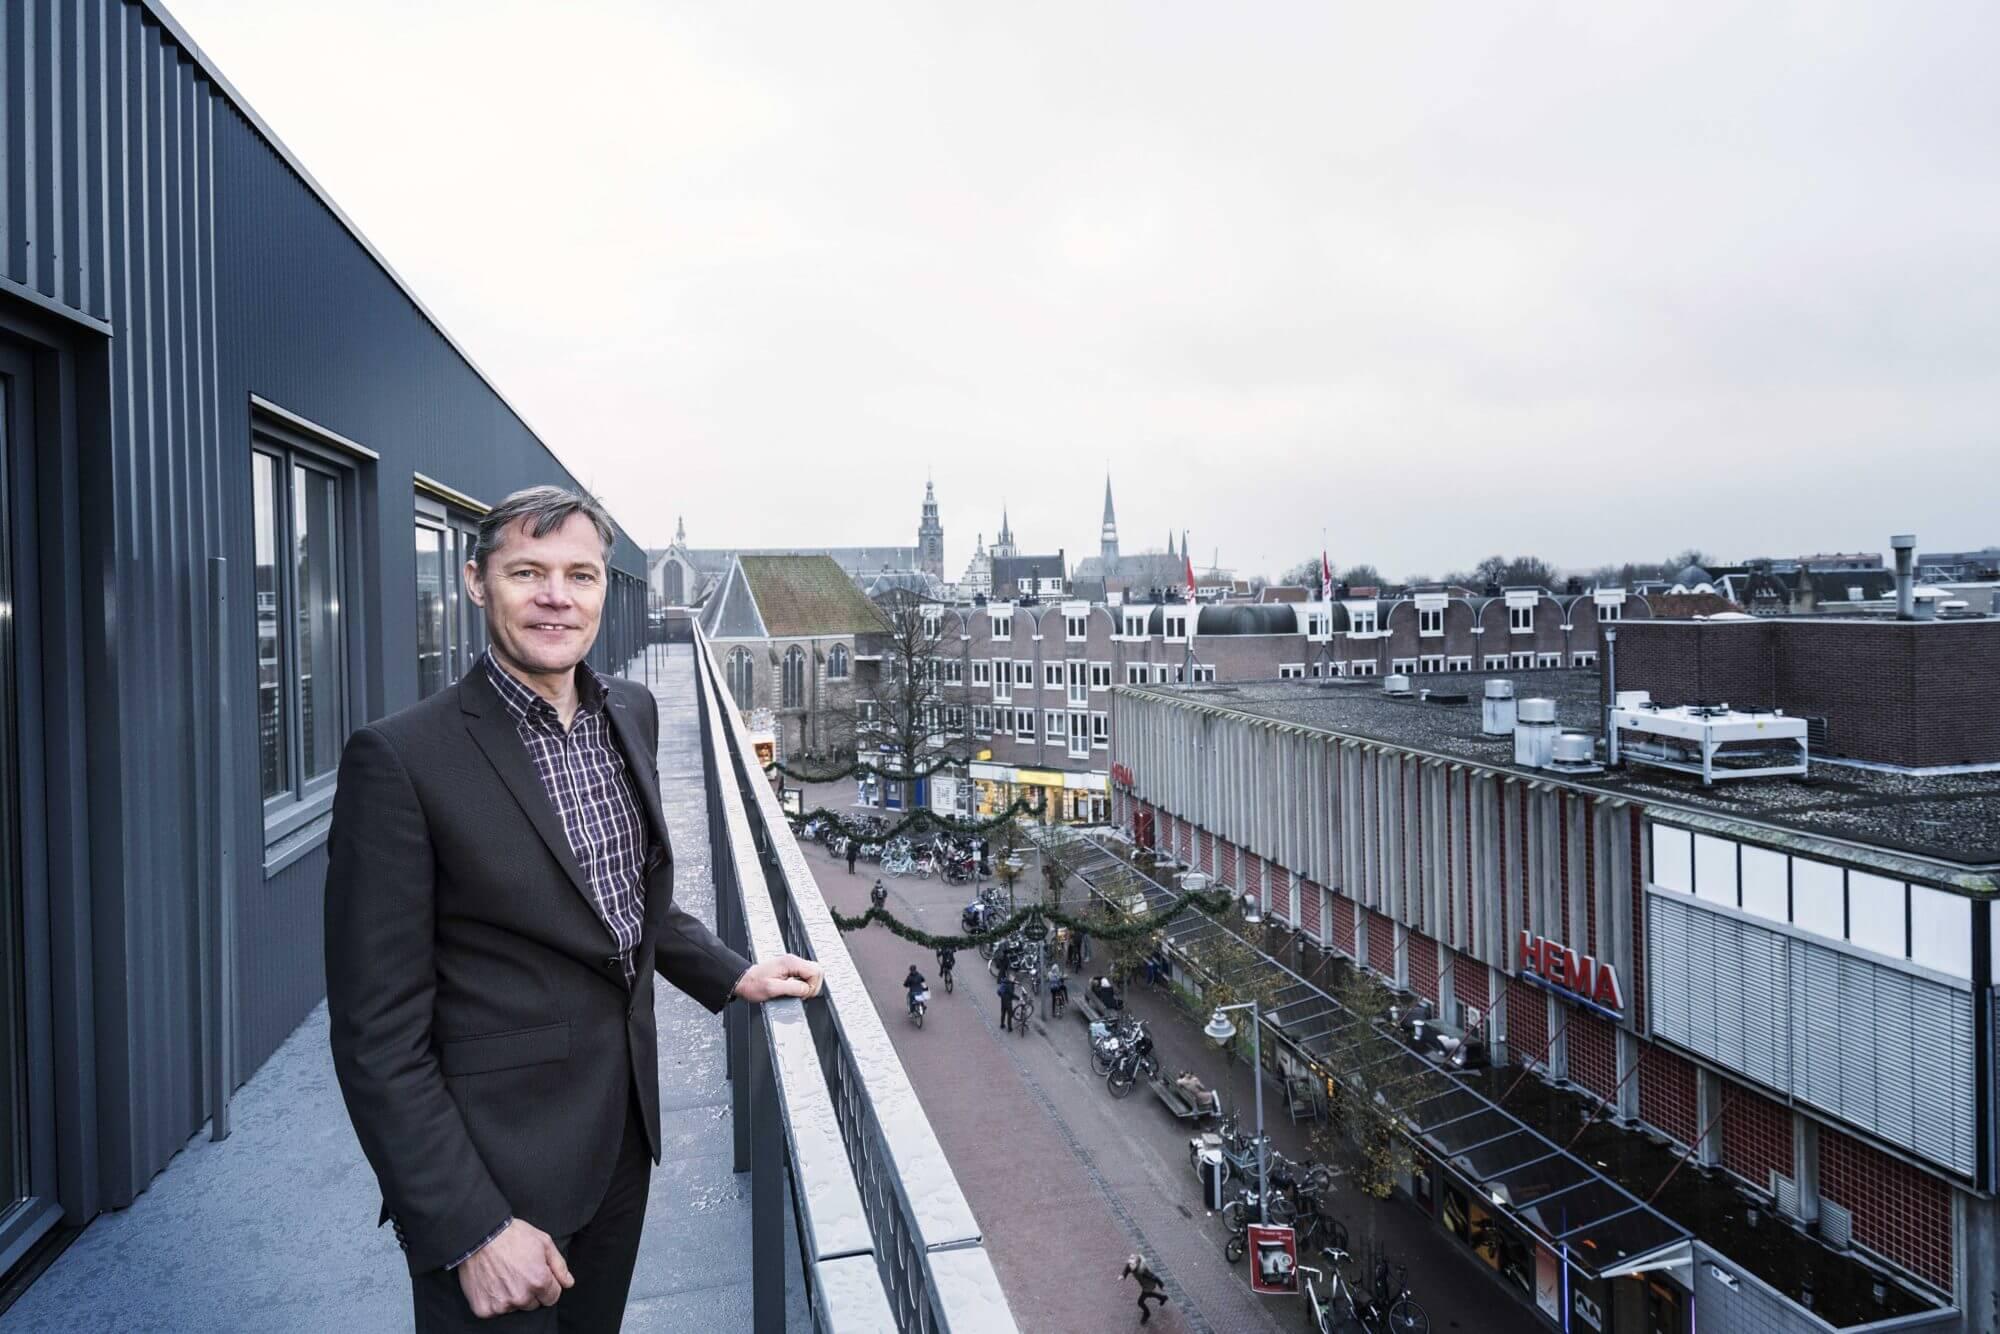 Thijs Boers, teamleider Vastgoedontwikkeling bij Mozaïek Wonen